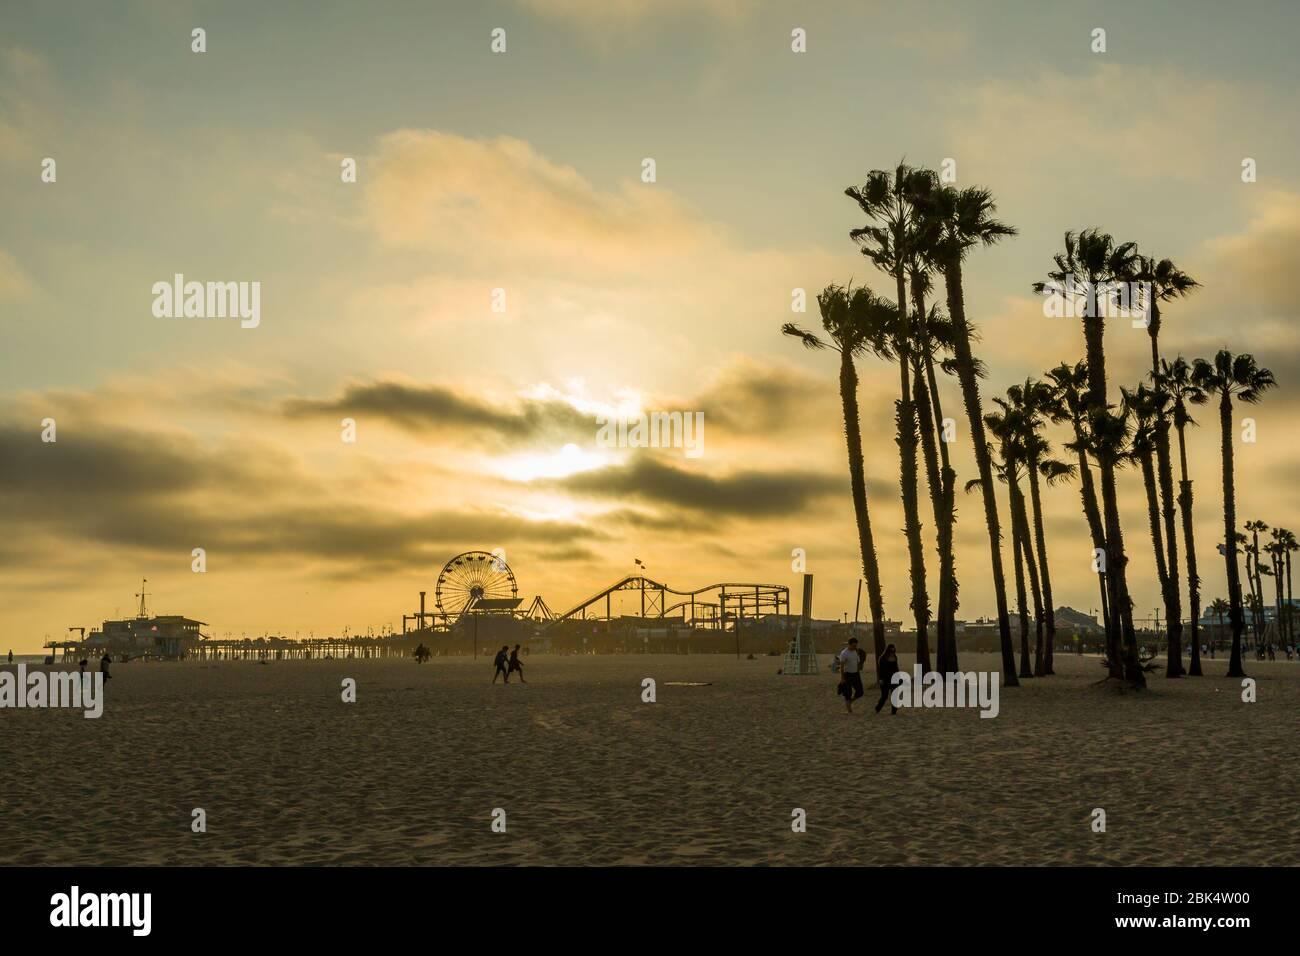 Vista del muelle de Santa Mónica al atardecer, Santa Mónica, los Ángeles, California, Estados Unidos de América, América del Norte Foto de stock